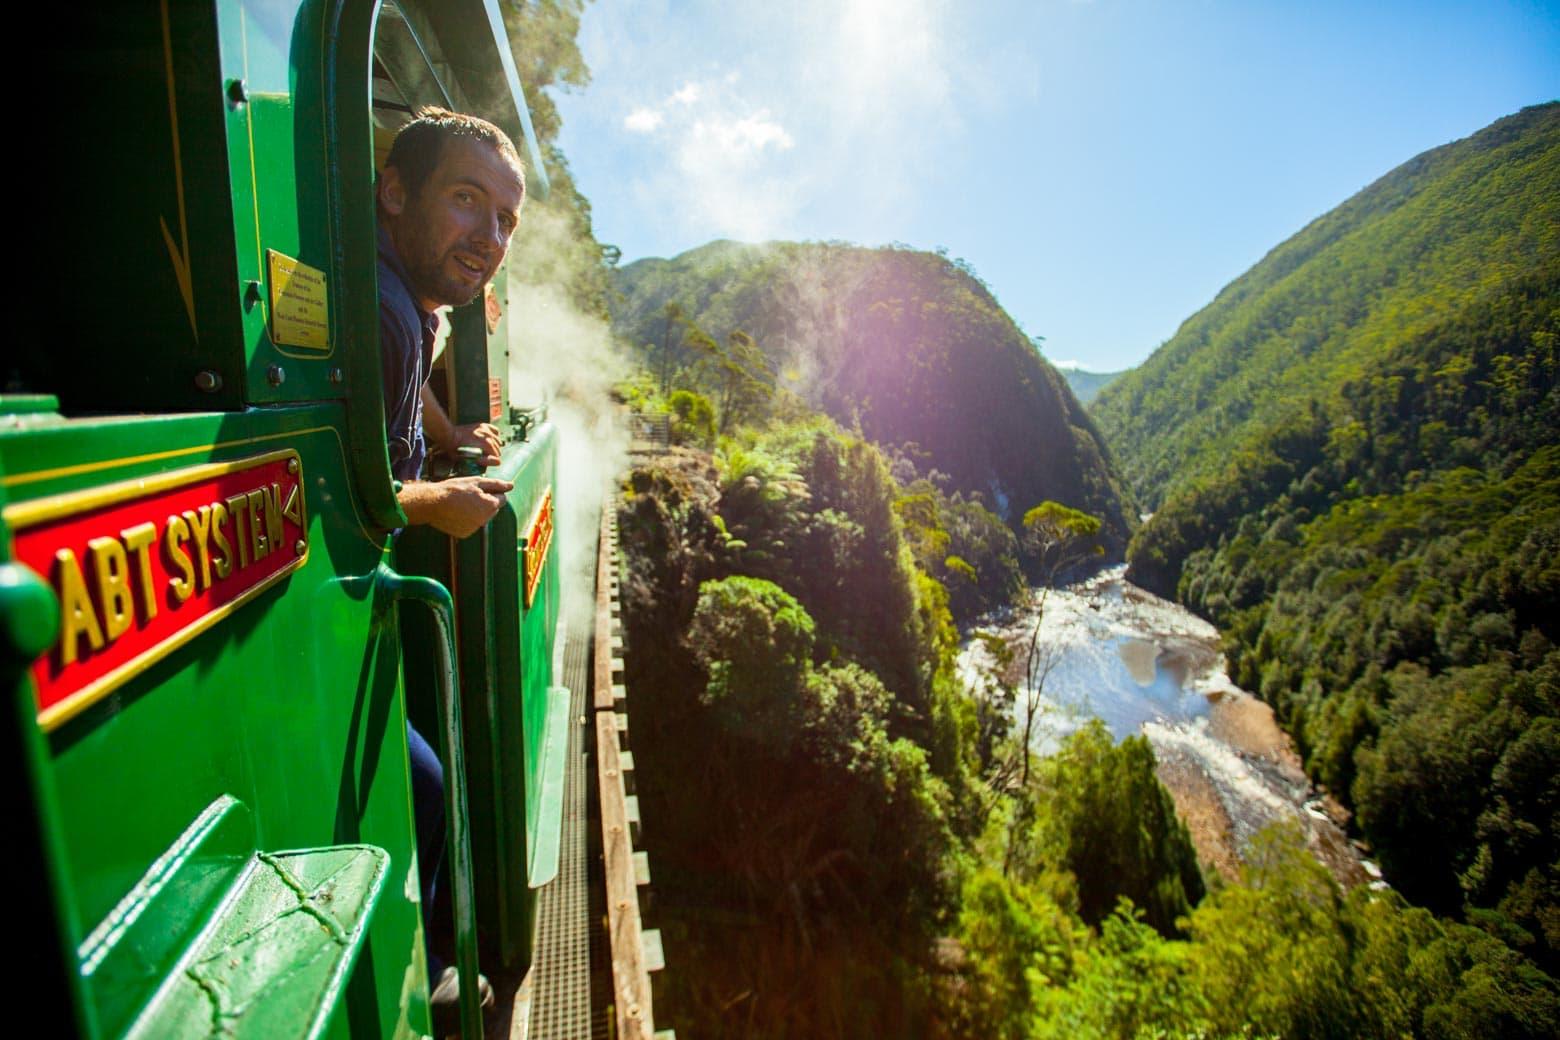 West Coast Wilderness Railway - Tasmania itinerary (7 days)